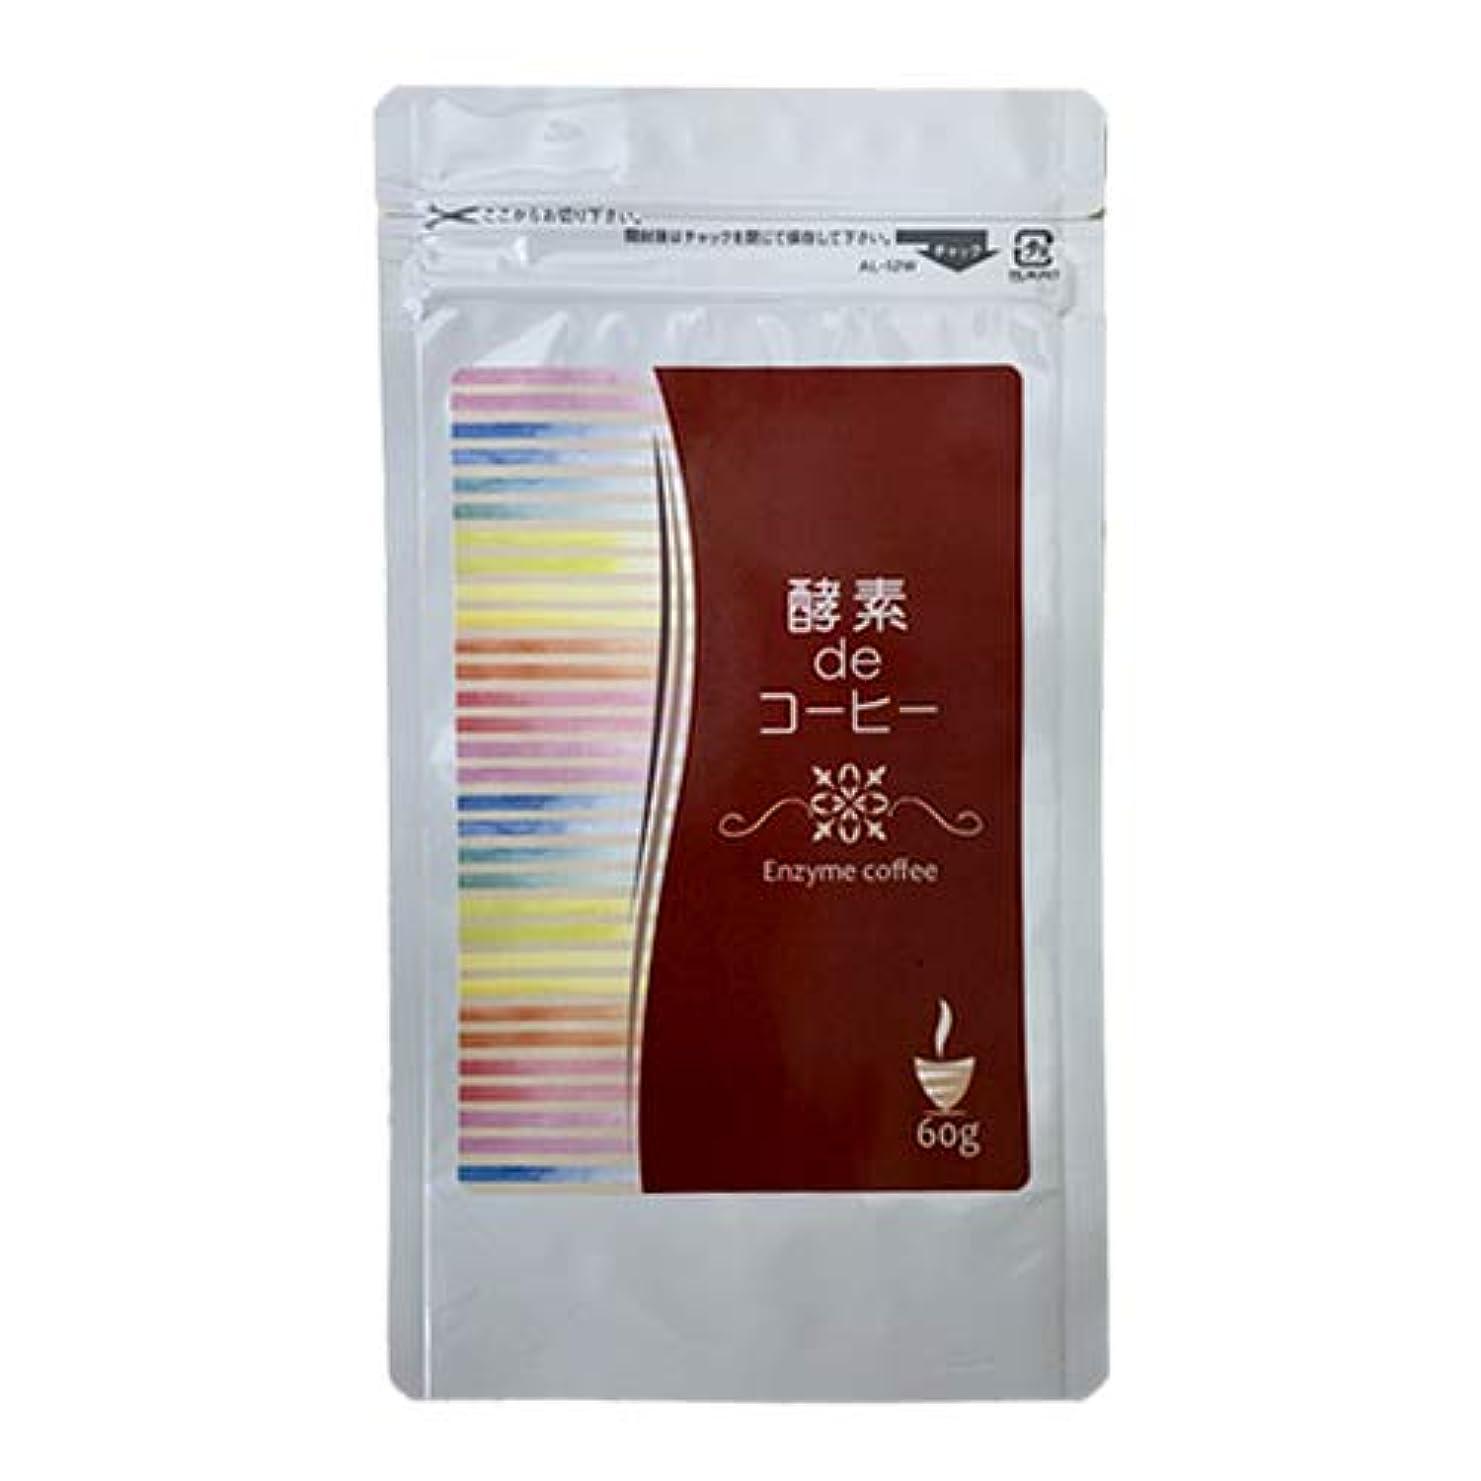 おじいちゃん高速道路広大な酵素deコーヒー